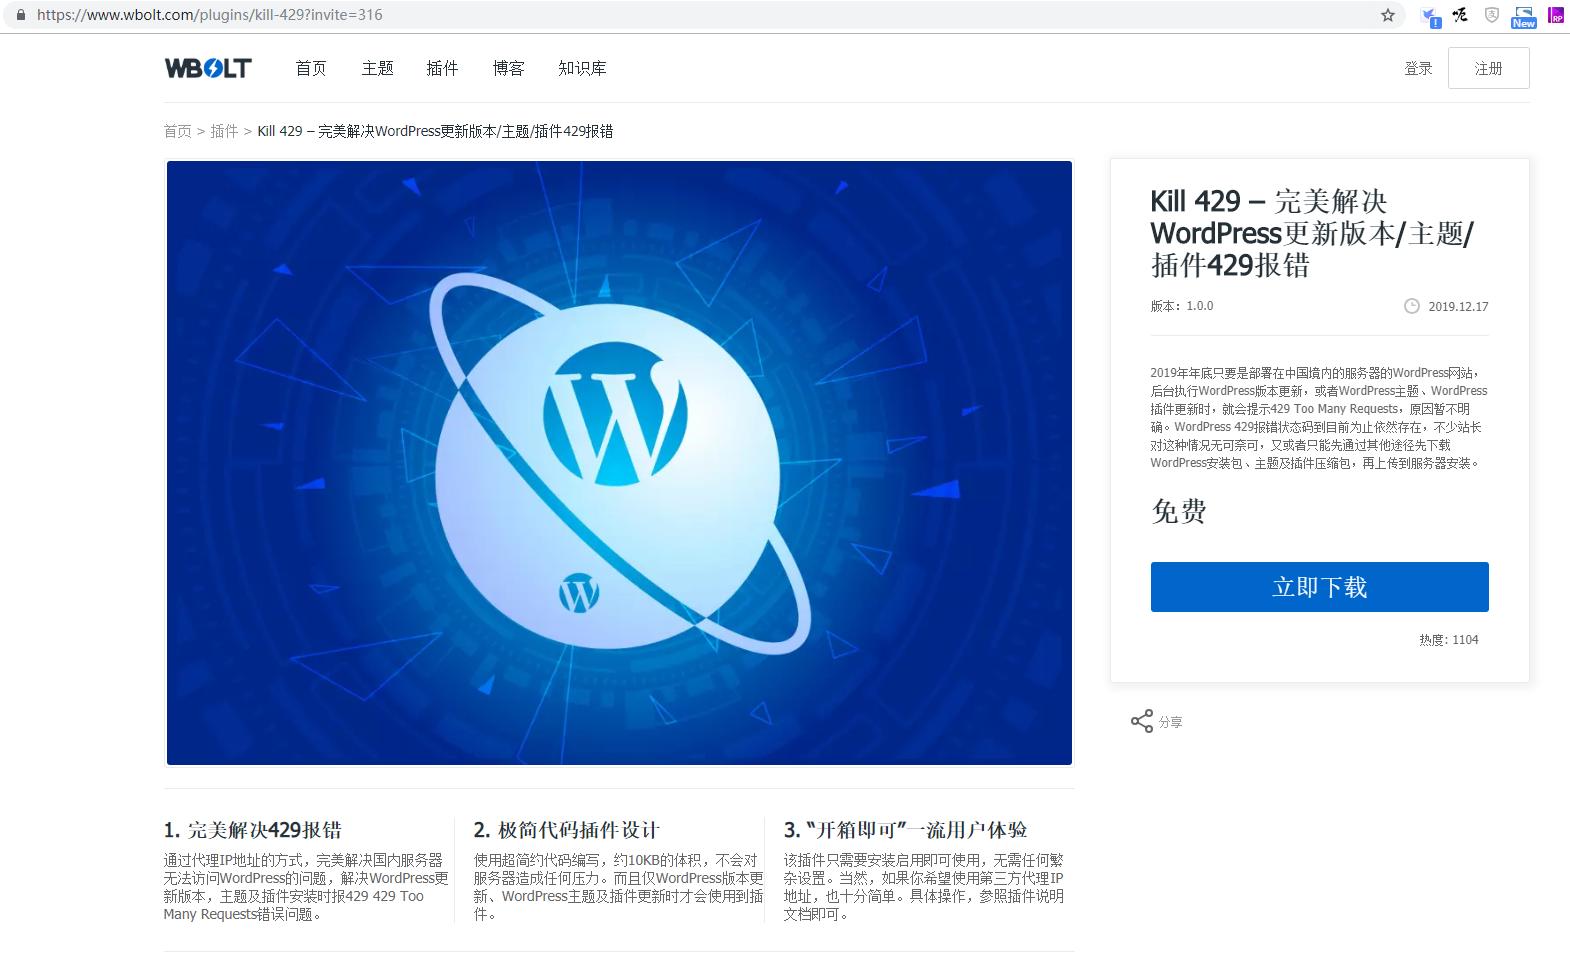 由于蓝灯仅支持:Windows、安卓、Mac、Ubuntu,不支持 CentOS,因此,需要在 CentOS 服务器中安装一个类似蓝灯的软件,以支持打开 WordPress 官方网站。打开网址:https://www.wbolt.com/plugins/kill-429?invite=316 ,Kill 429 – 完美解决 WordPress 更新版本/主题/插件 429 报错